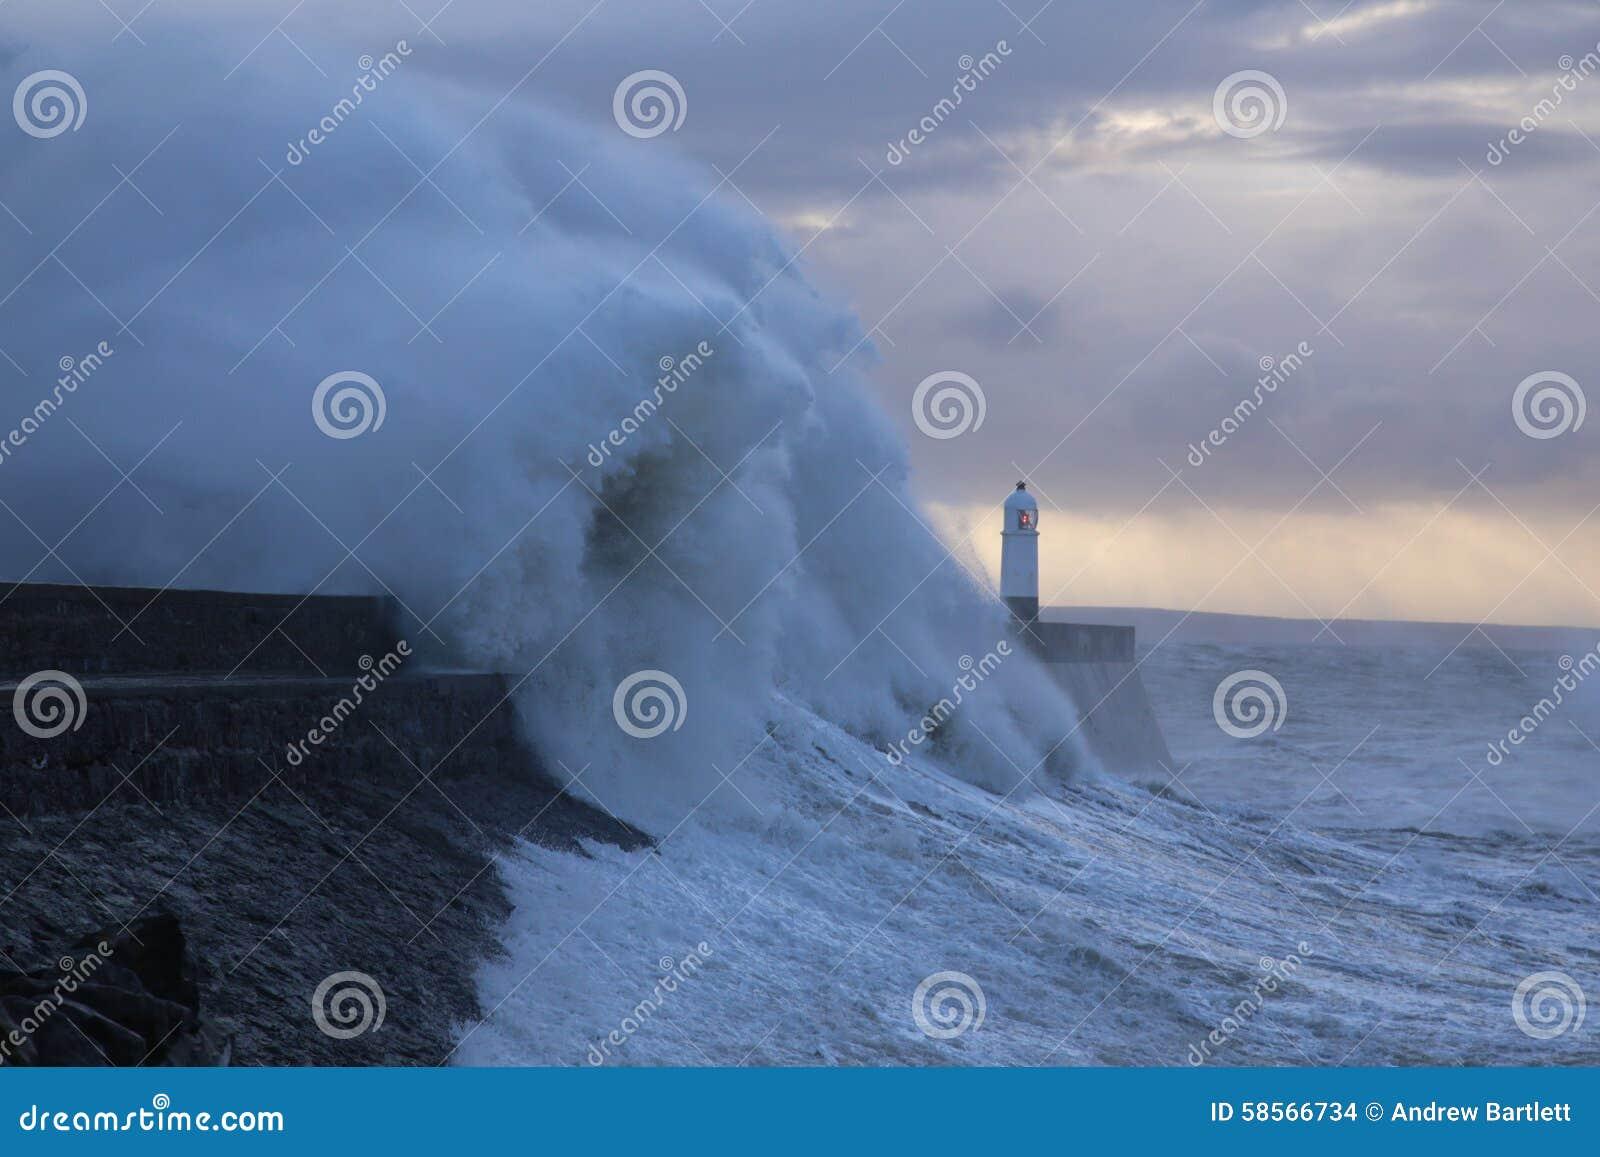 Clima de tempestade no farol de Porthcawl, Gales do Sul, Reino Unido